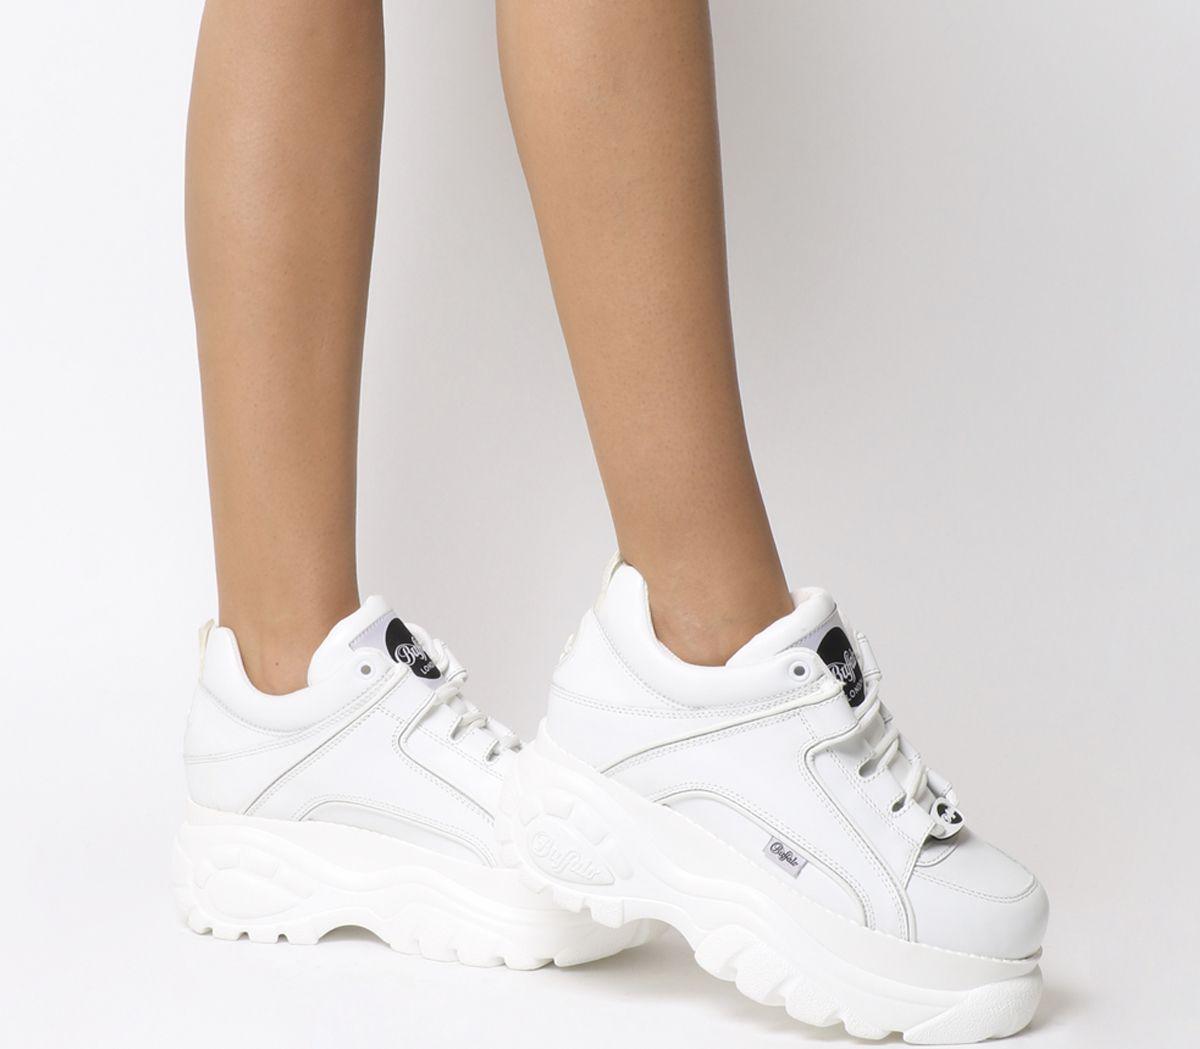 8aa34b722bca Buffalo Buffalo Classic Low Sneakers White - Hers trainers